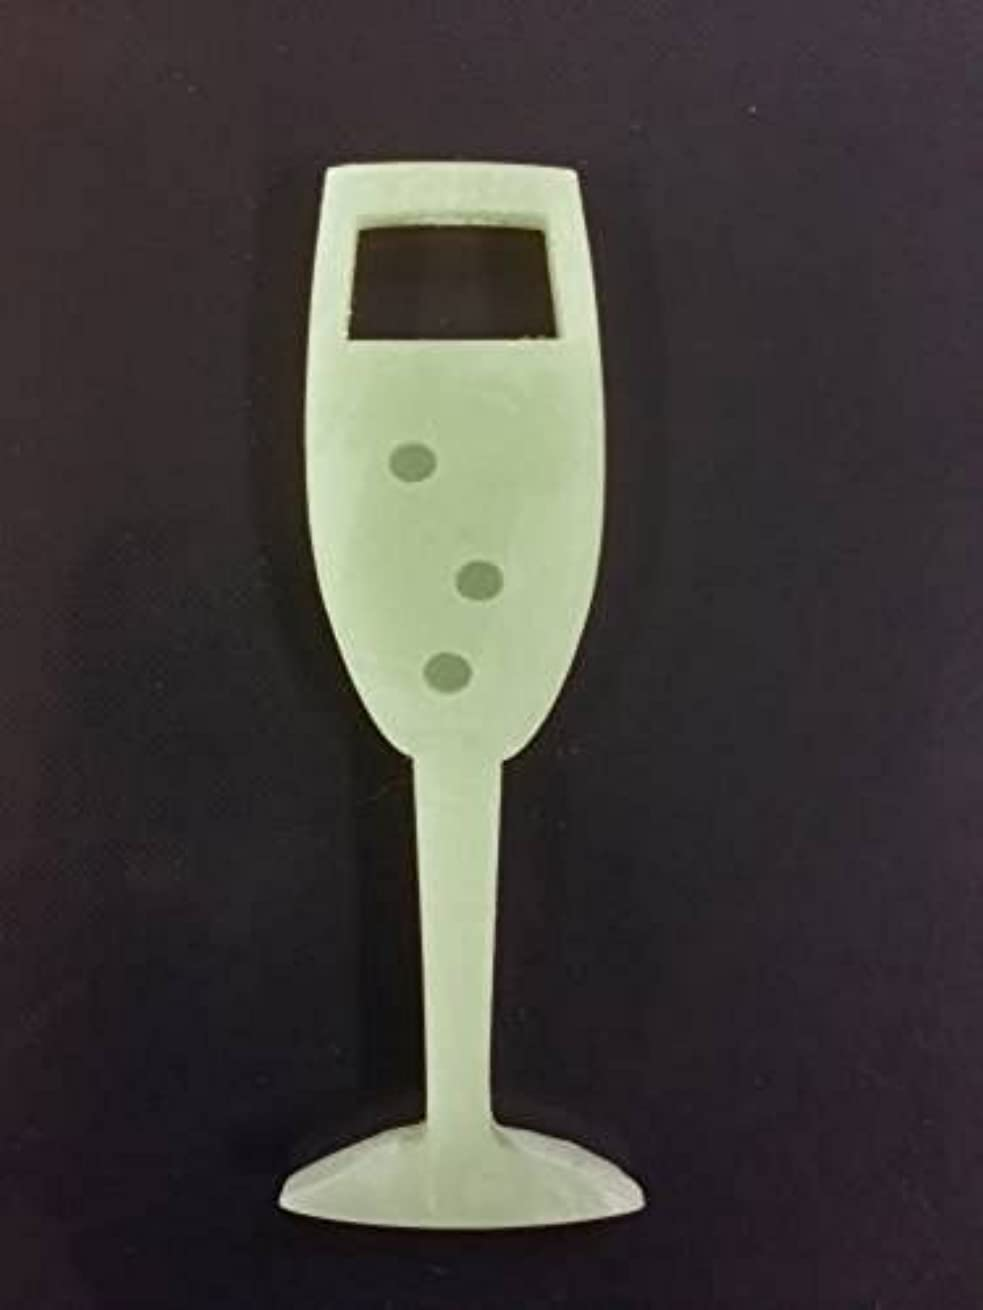 スクリーチ出演者新しい意味GRASSE TOKYO AROMATICWAXチャーム「シャンパングラス」(GR) レモングラス アロマティックワックス グラーストウキョウ